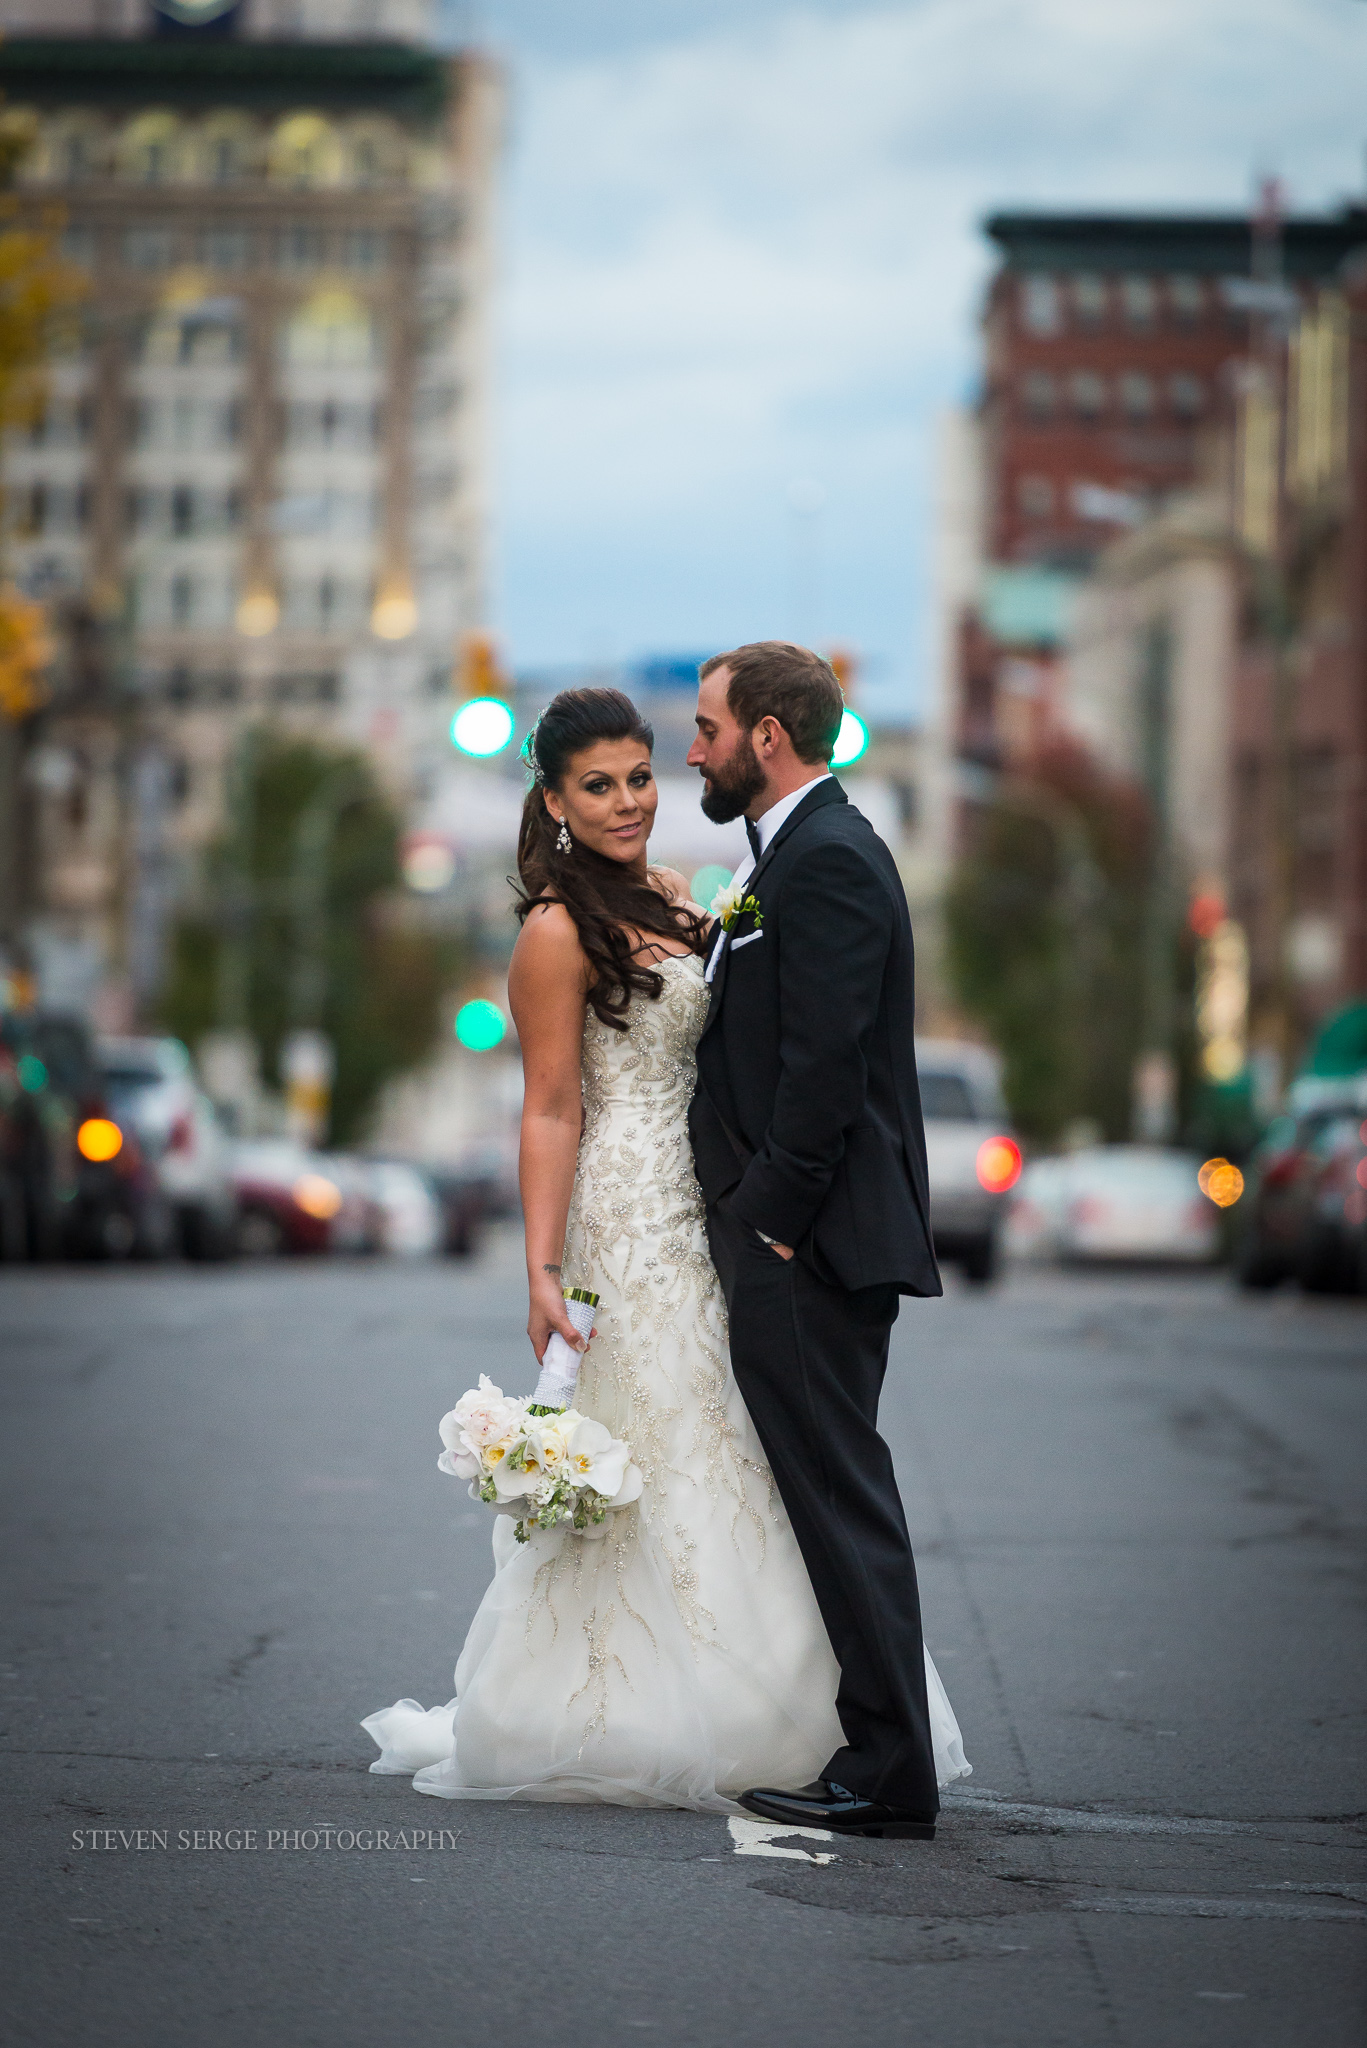 Bride and Groom Wedding Fashion in Scranton